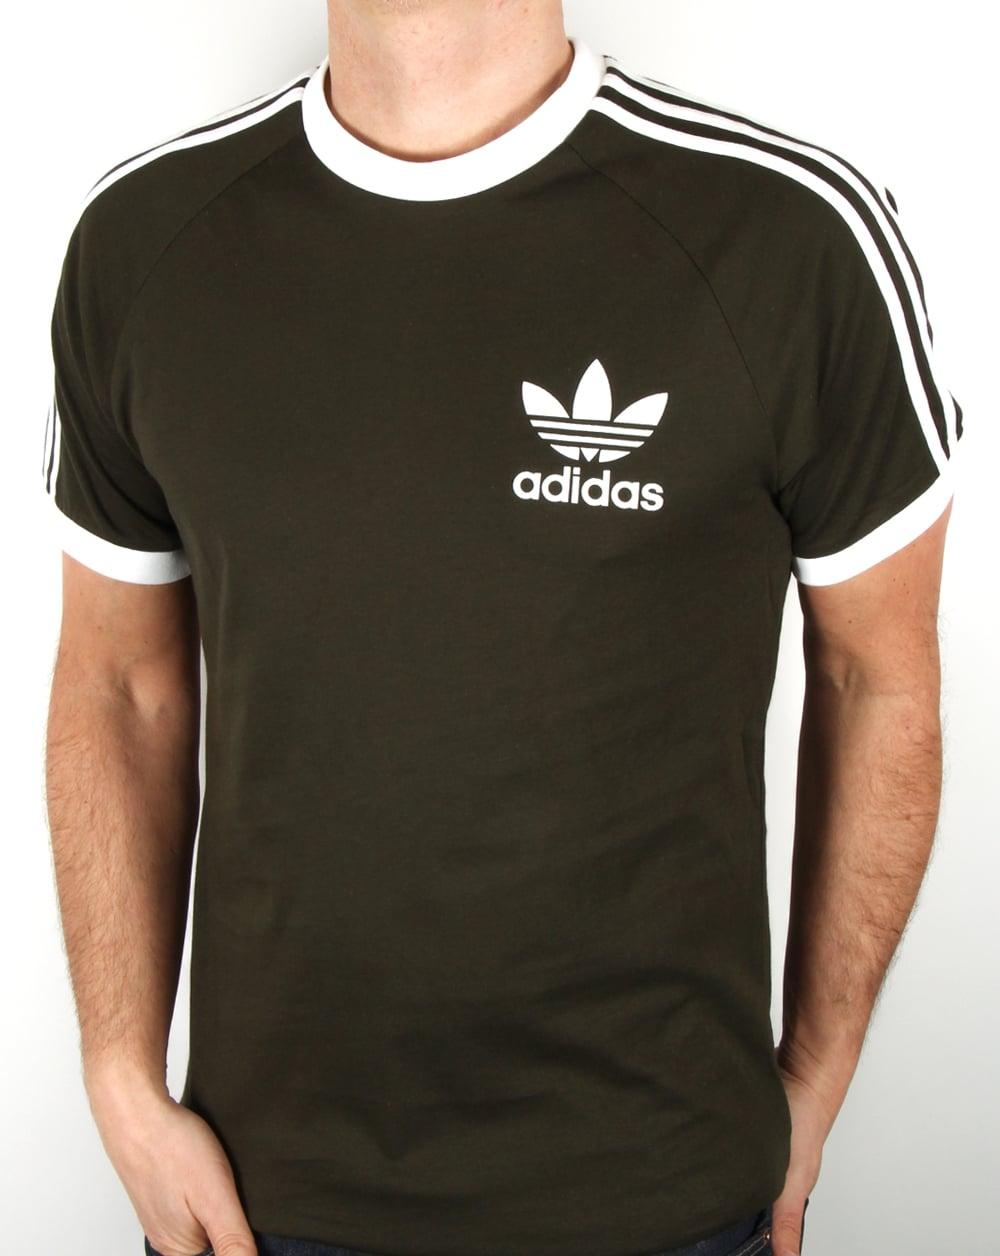 fd413740ae71e Adidas Originals Clfn T Shirt Night Cargo, Men's, Tee, Retro, Trefoil